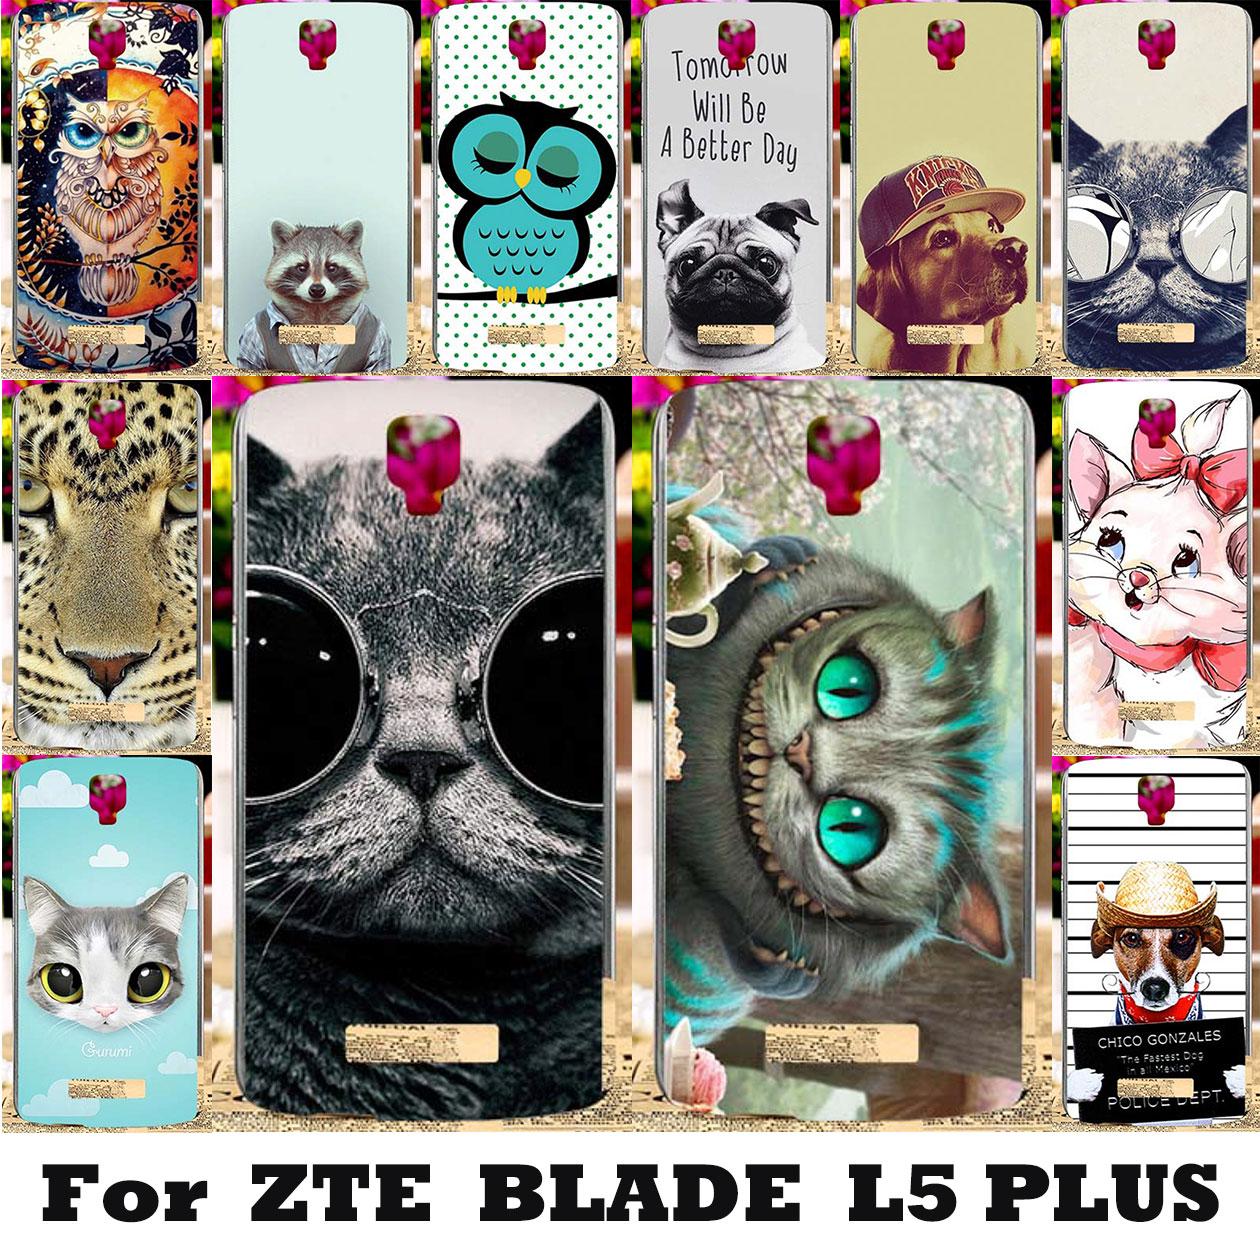 Мягкие TPU Cat окрашенные Чехлы для ZTE Blade L5 ZTE Blade L5 плюс 5.0 дюймов крышка Корпус обратно мешок капюшон Coque щит для ZTE L5 плюс